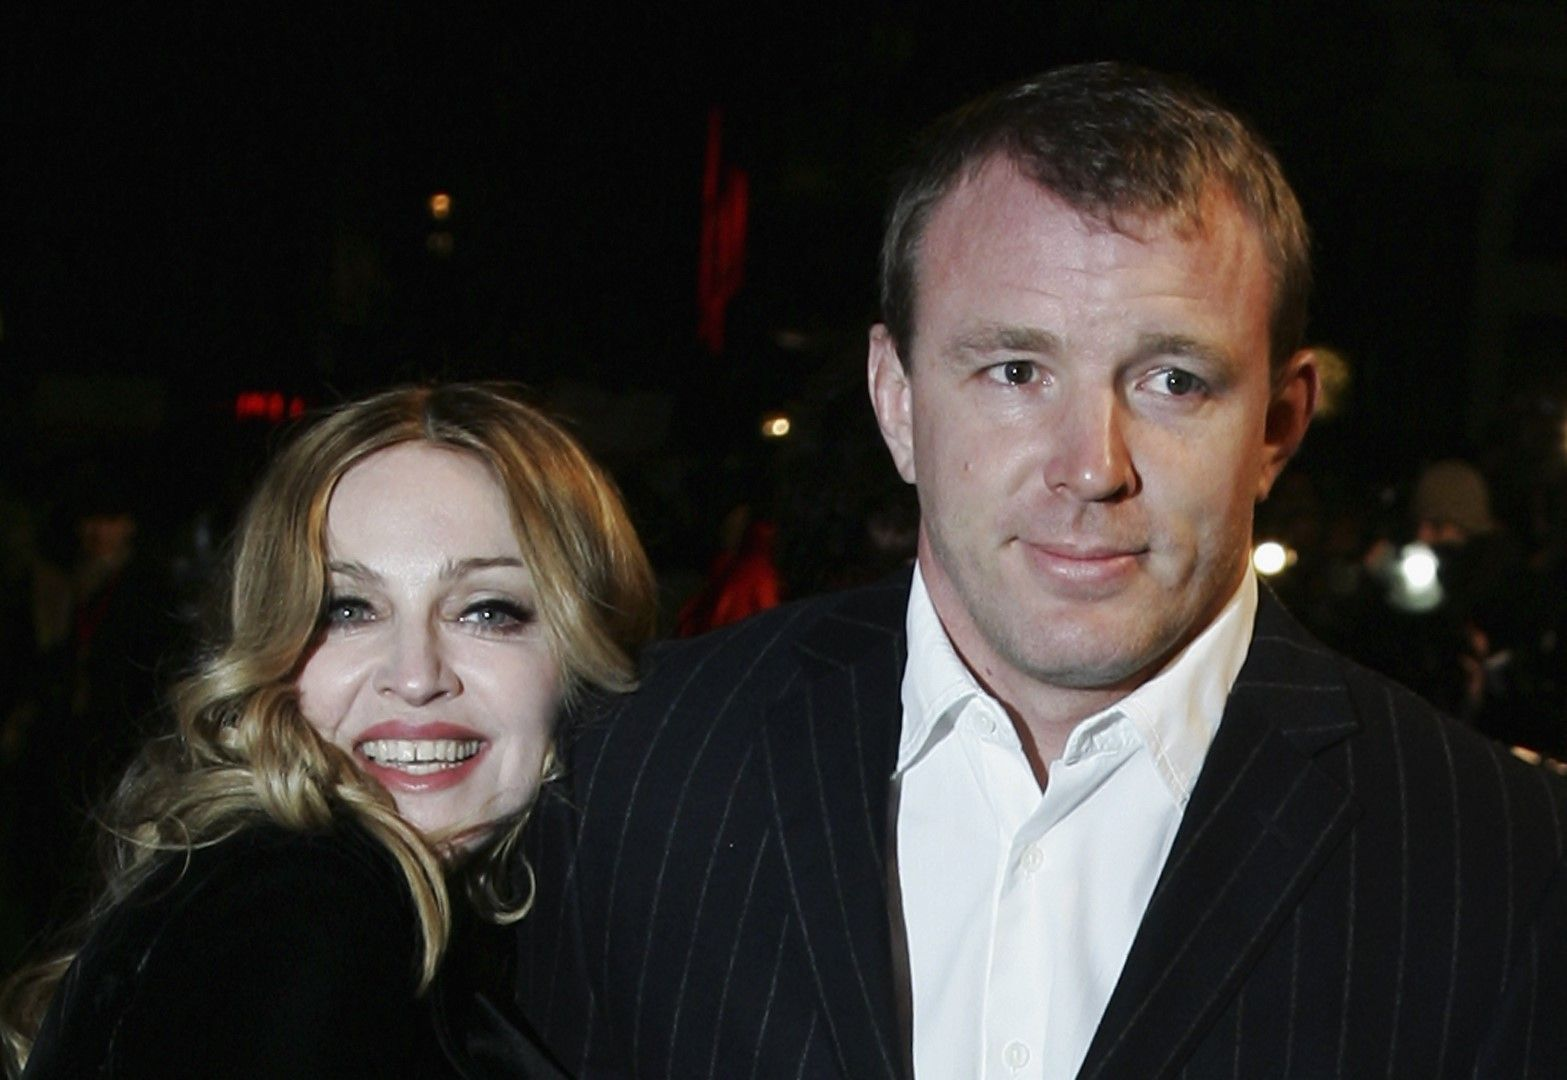 """Мадона и Гай Ричи на премиерата на филма """"Артур и минимоите"""" на Люк Бесон, Лондон, 2007 г."""